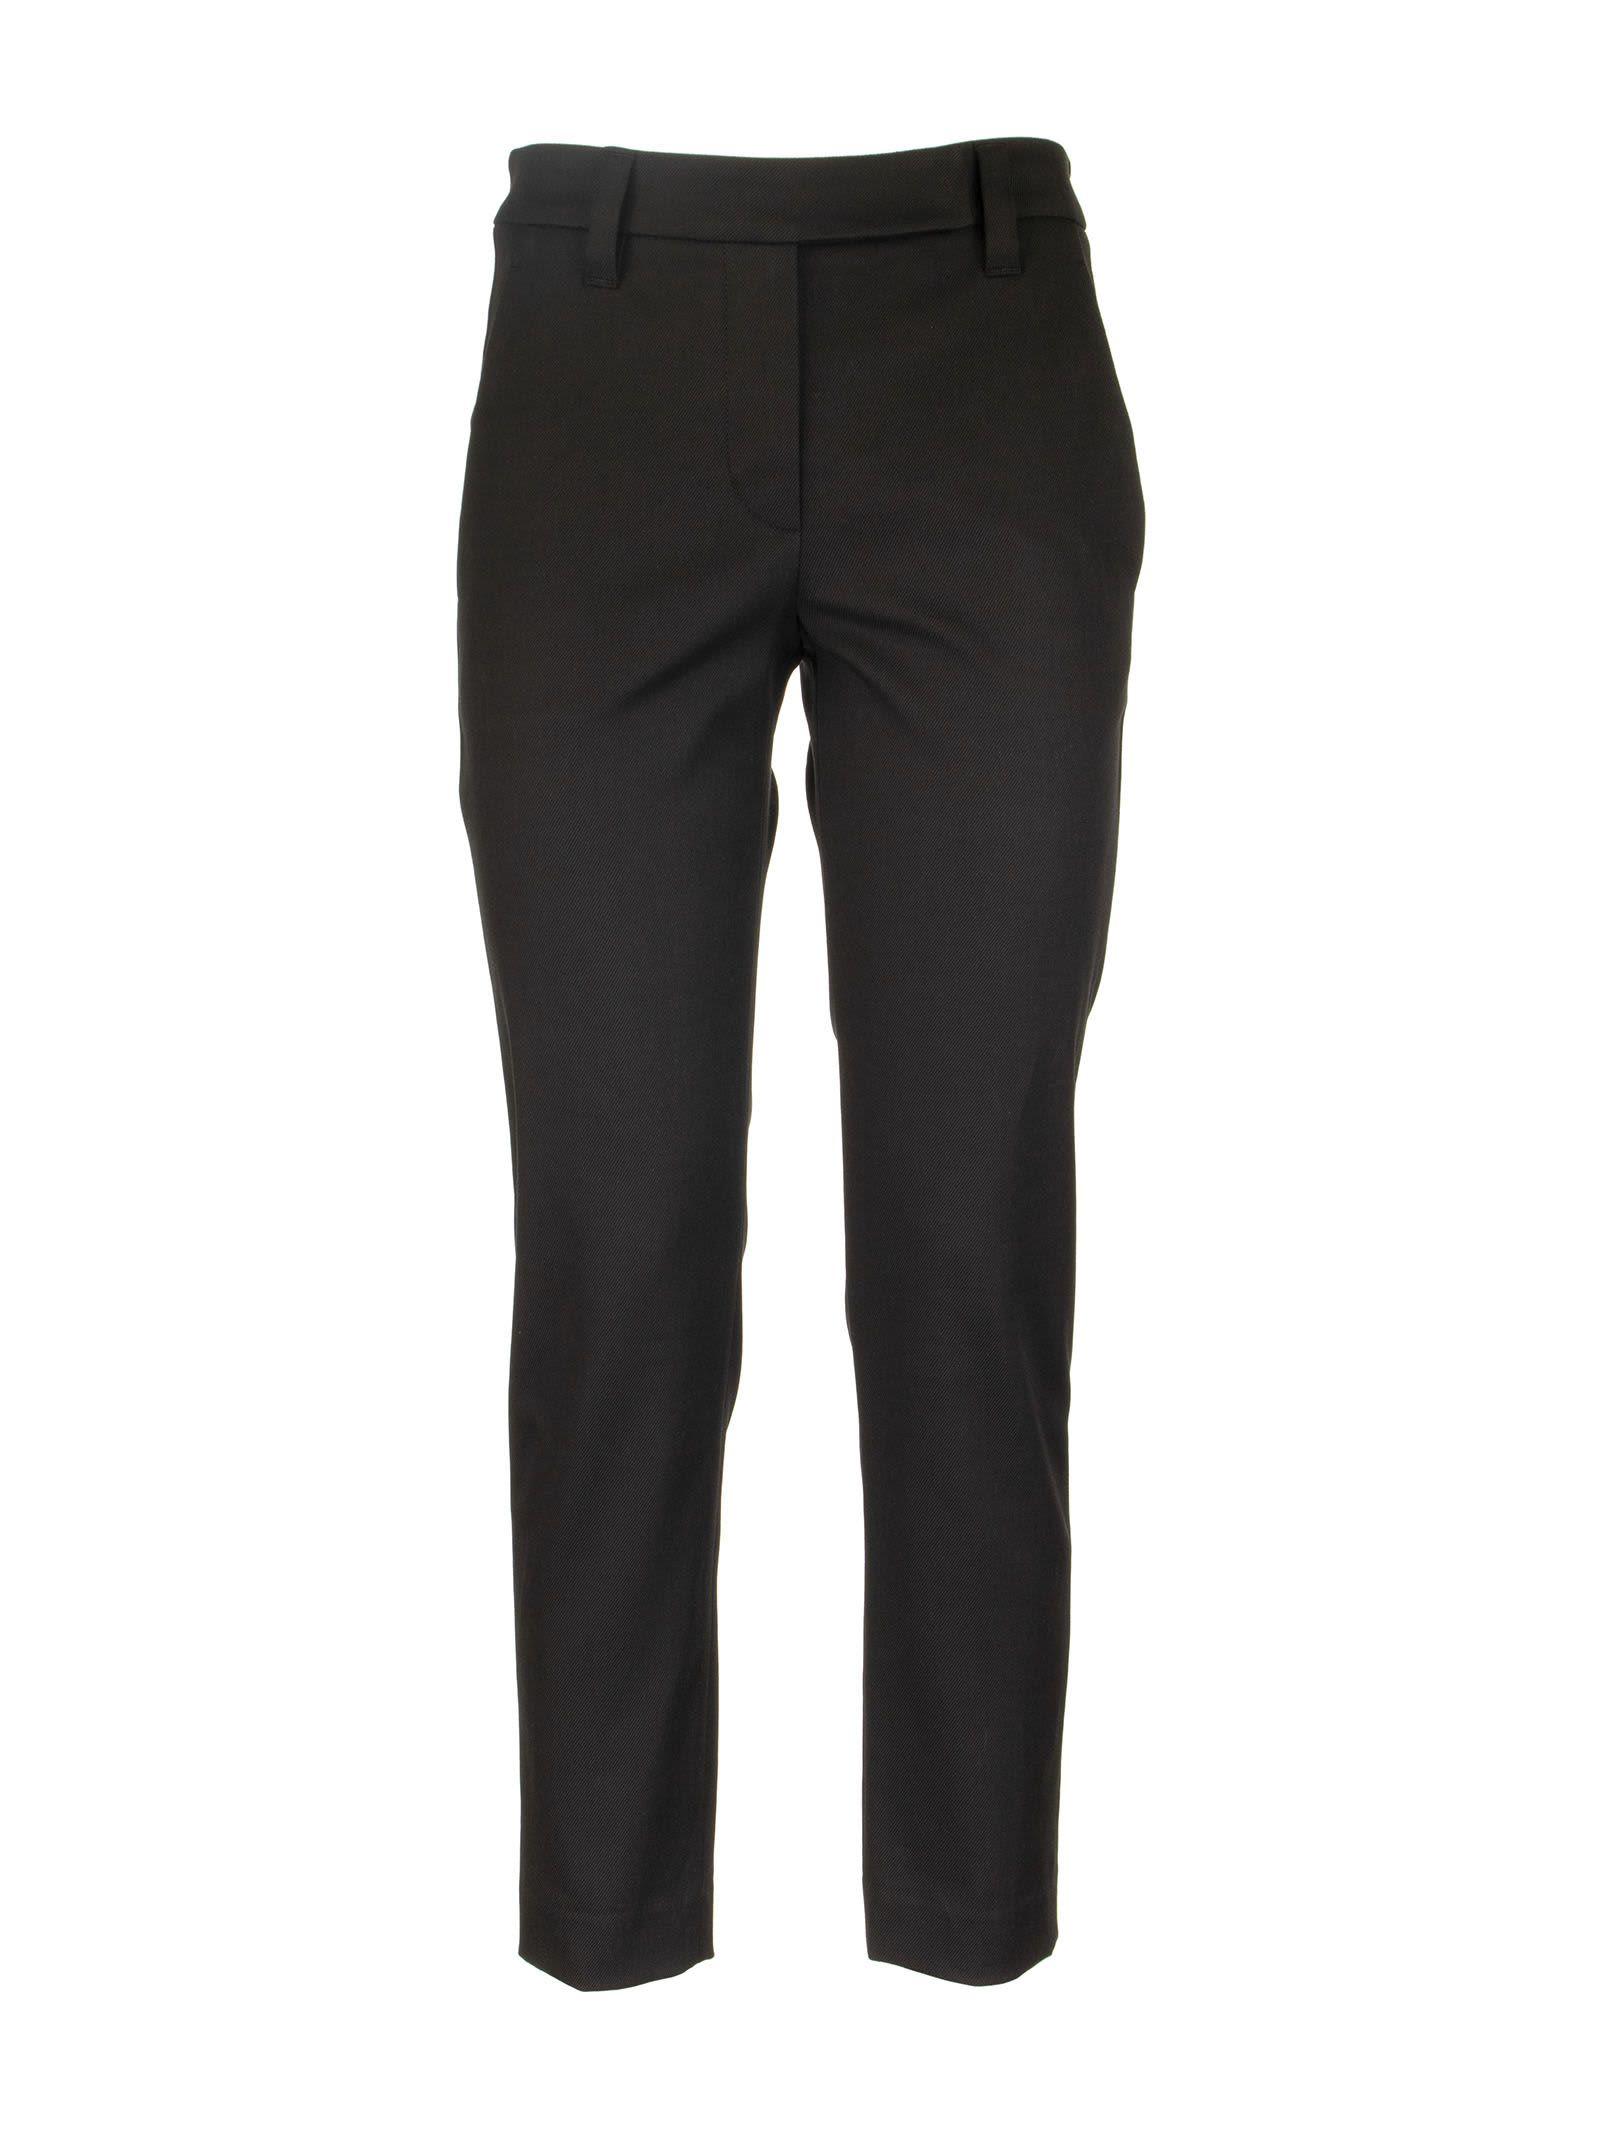 Brunello Cucinelli Stretch Cotton Cover Slim Fit Trousers